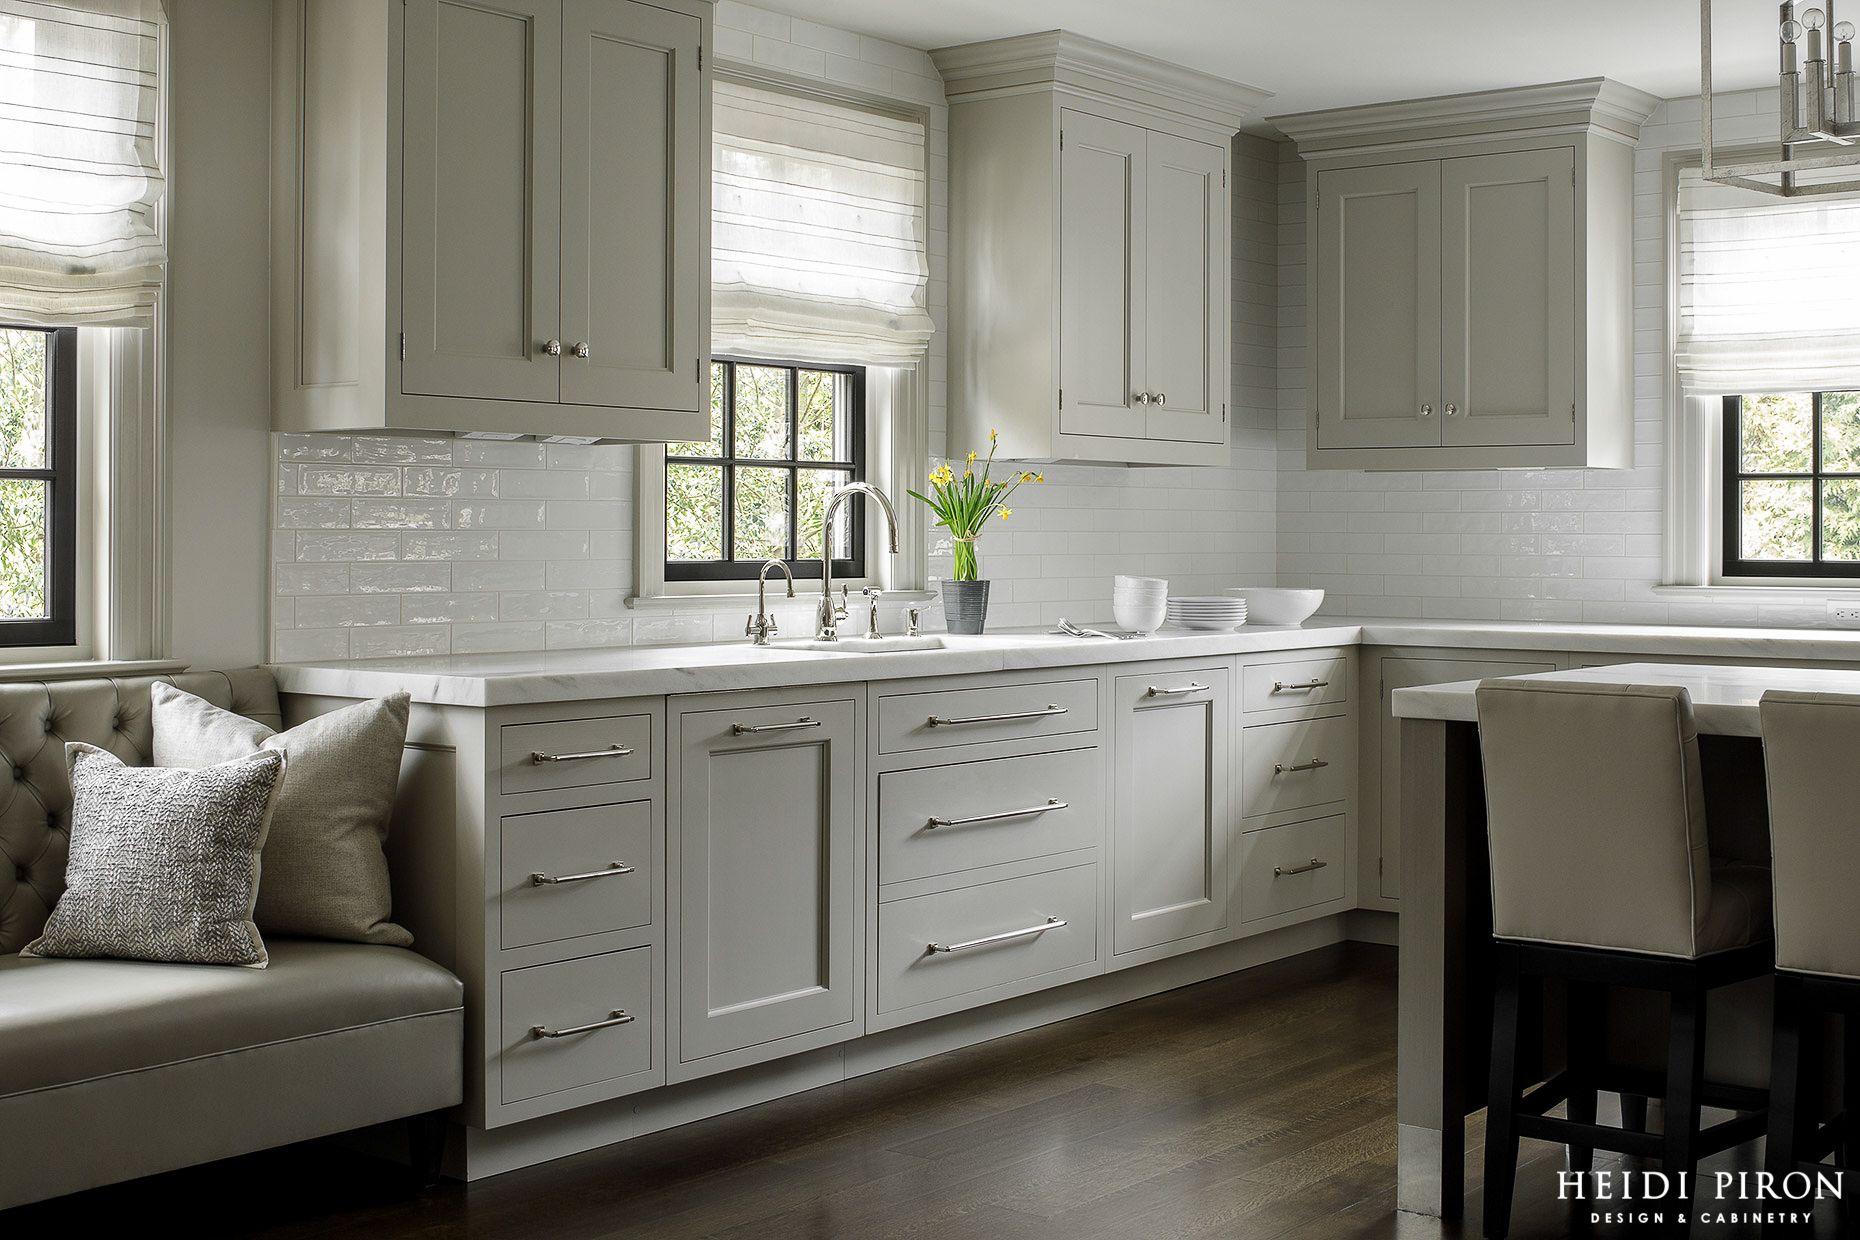 Award-winning kitchen designer, Heidi Piron, creates hand ...